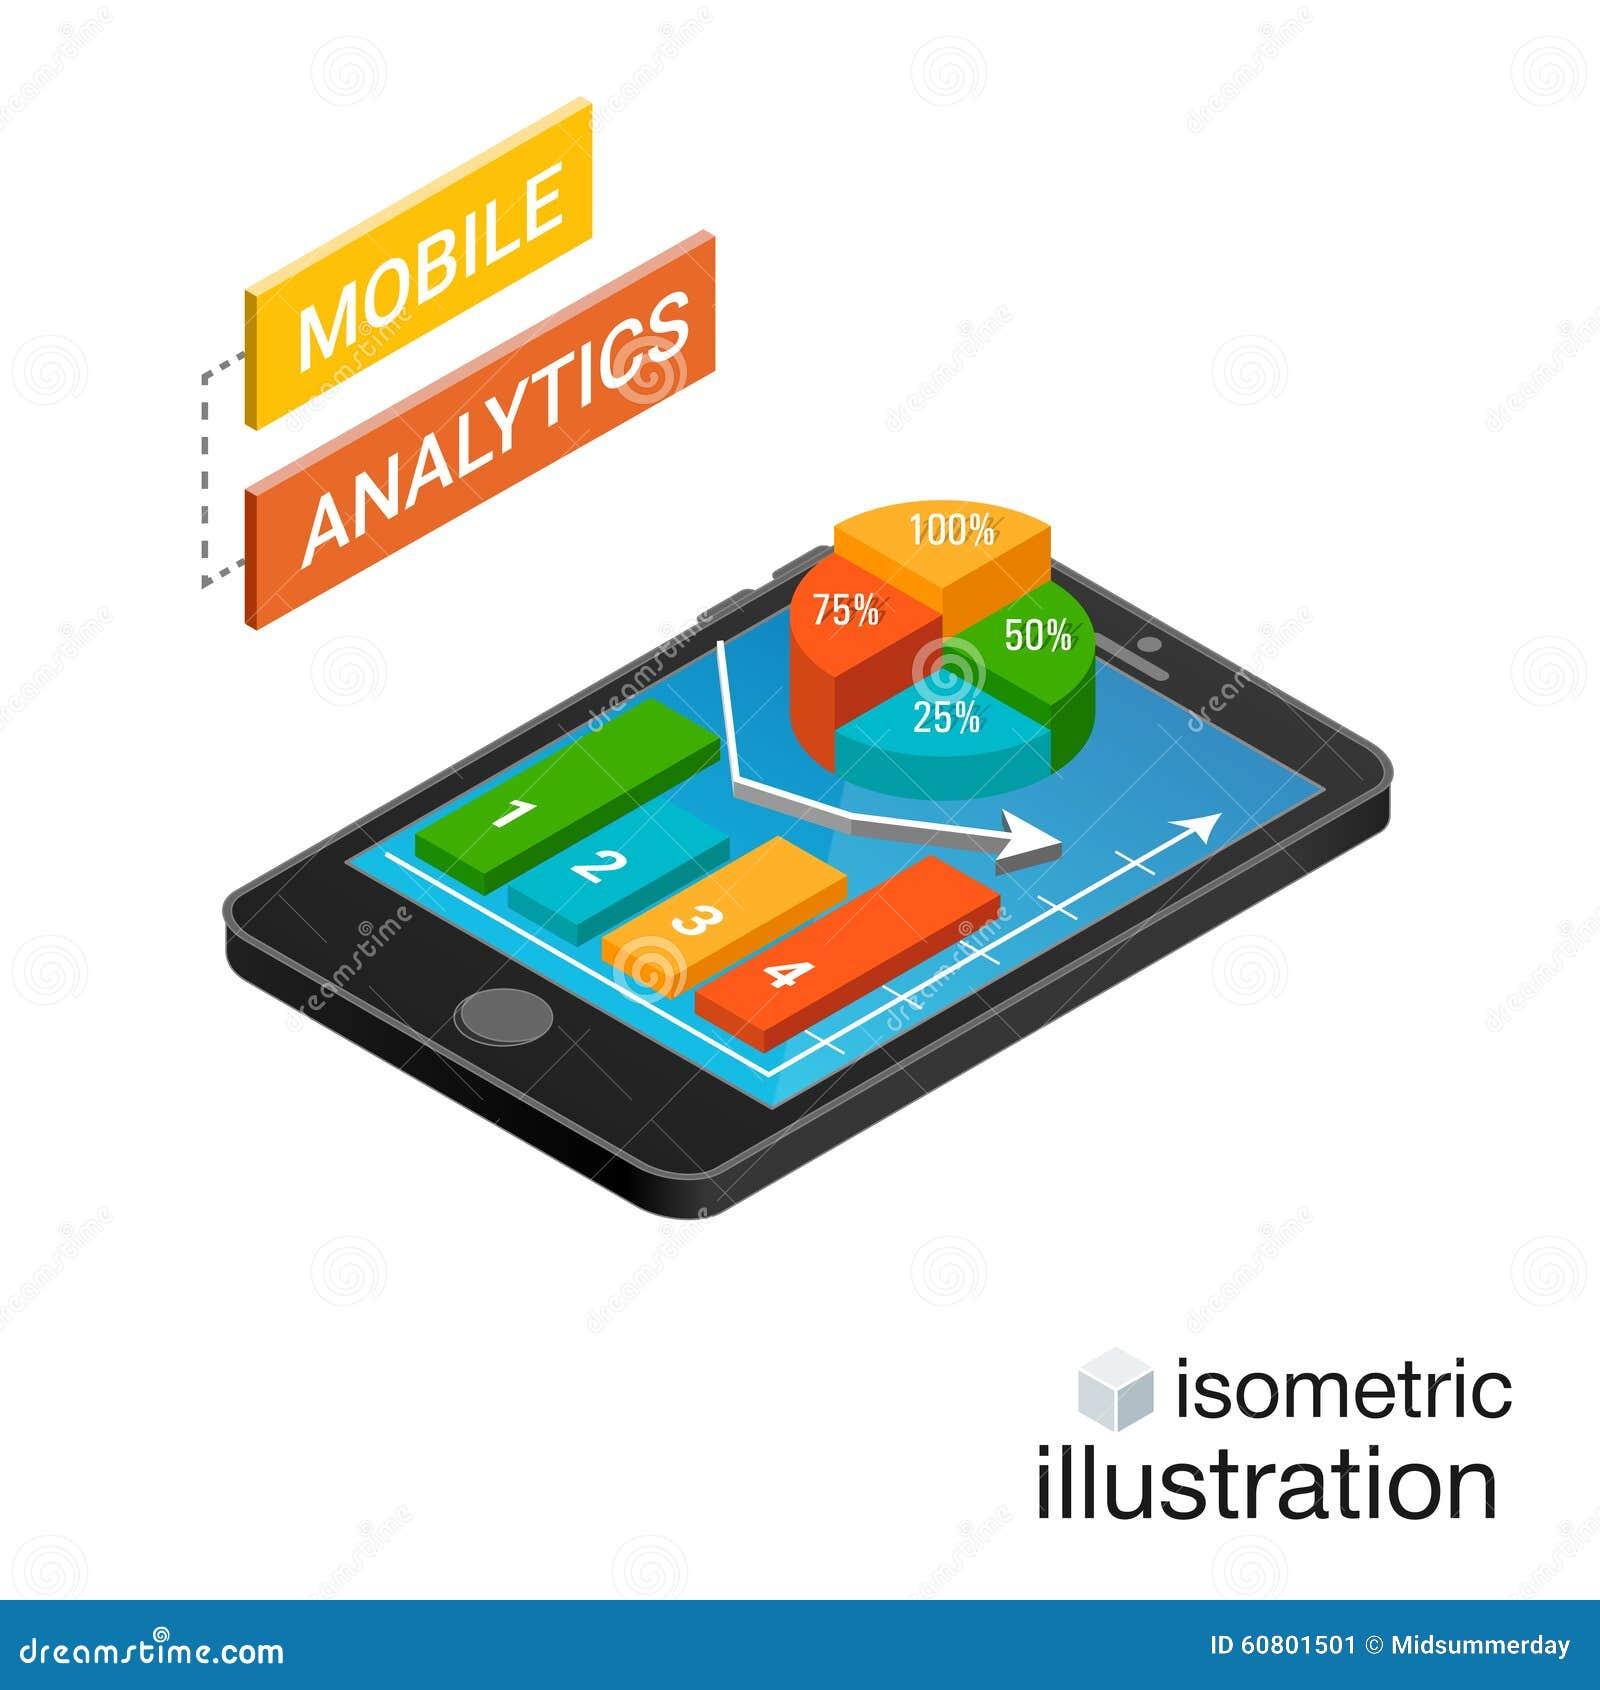 Isometric smartphone z wykresami na białym tle Mobilny analityki pojęcie Isometric Wektorowa ilustracja